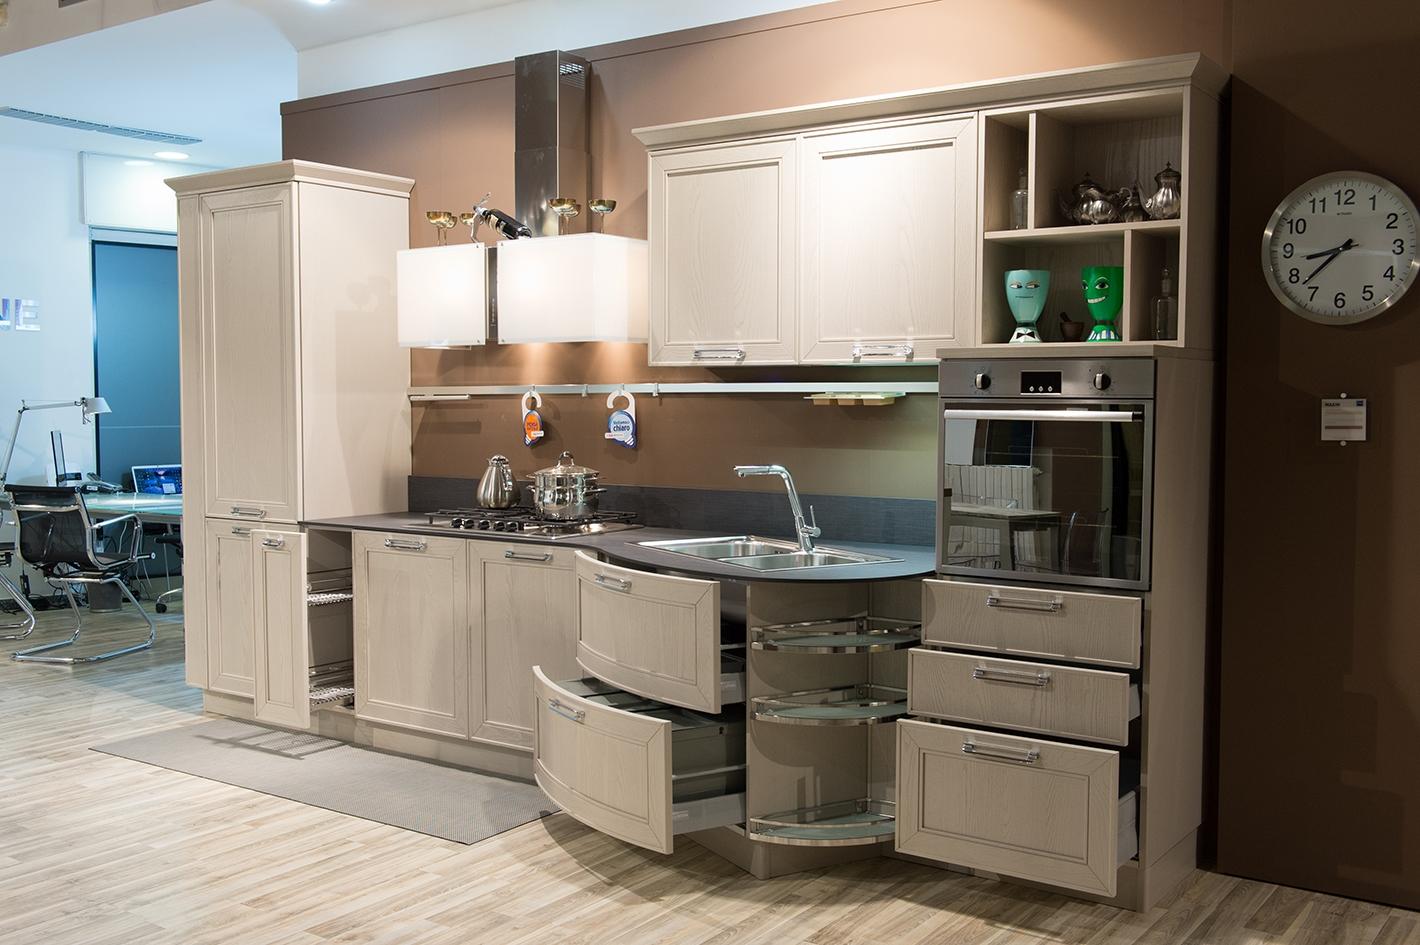 Offerta Cucina Completa - Idee Per La Casa - Douglasfalls.com